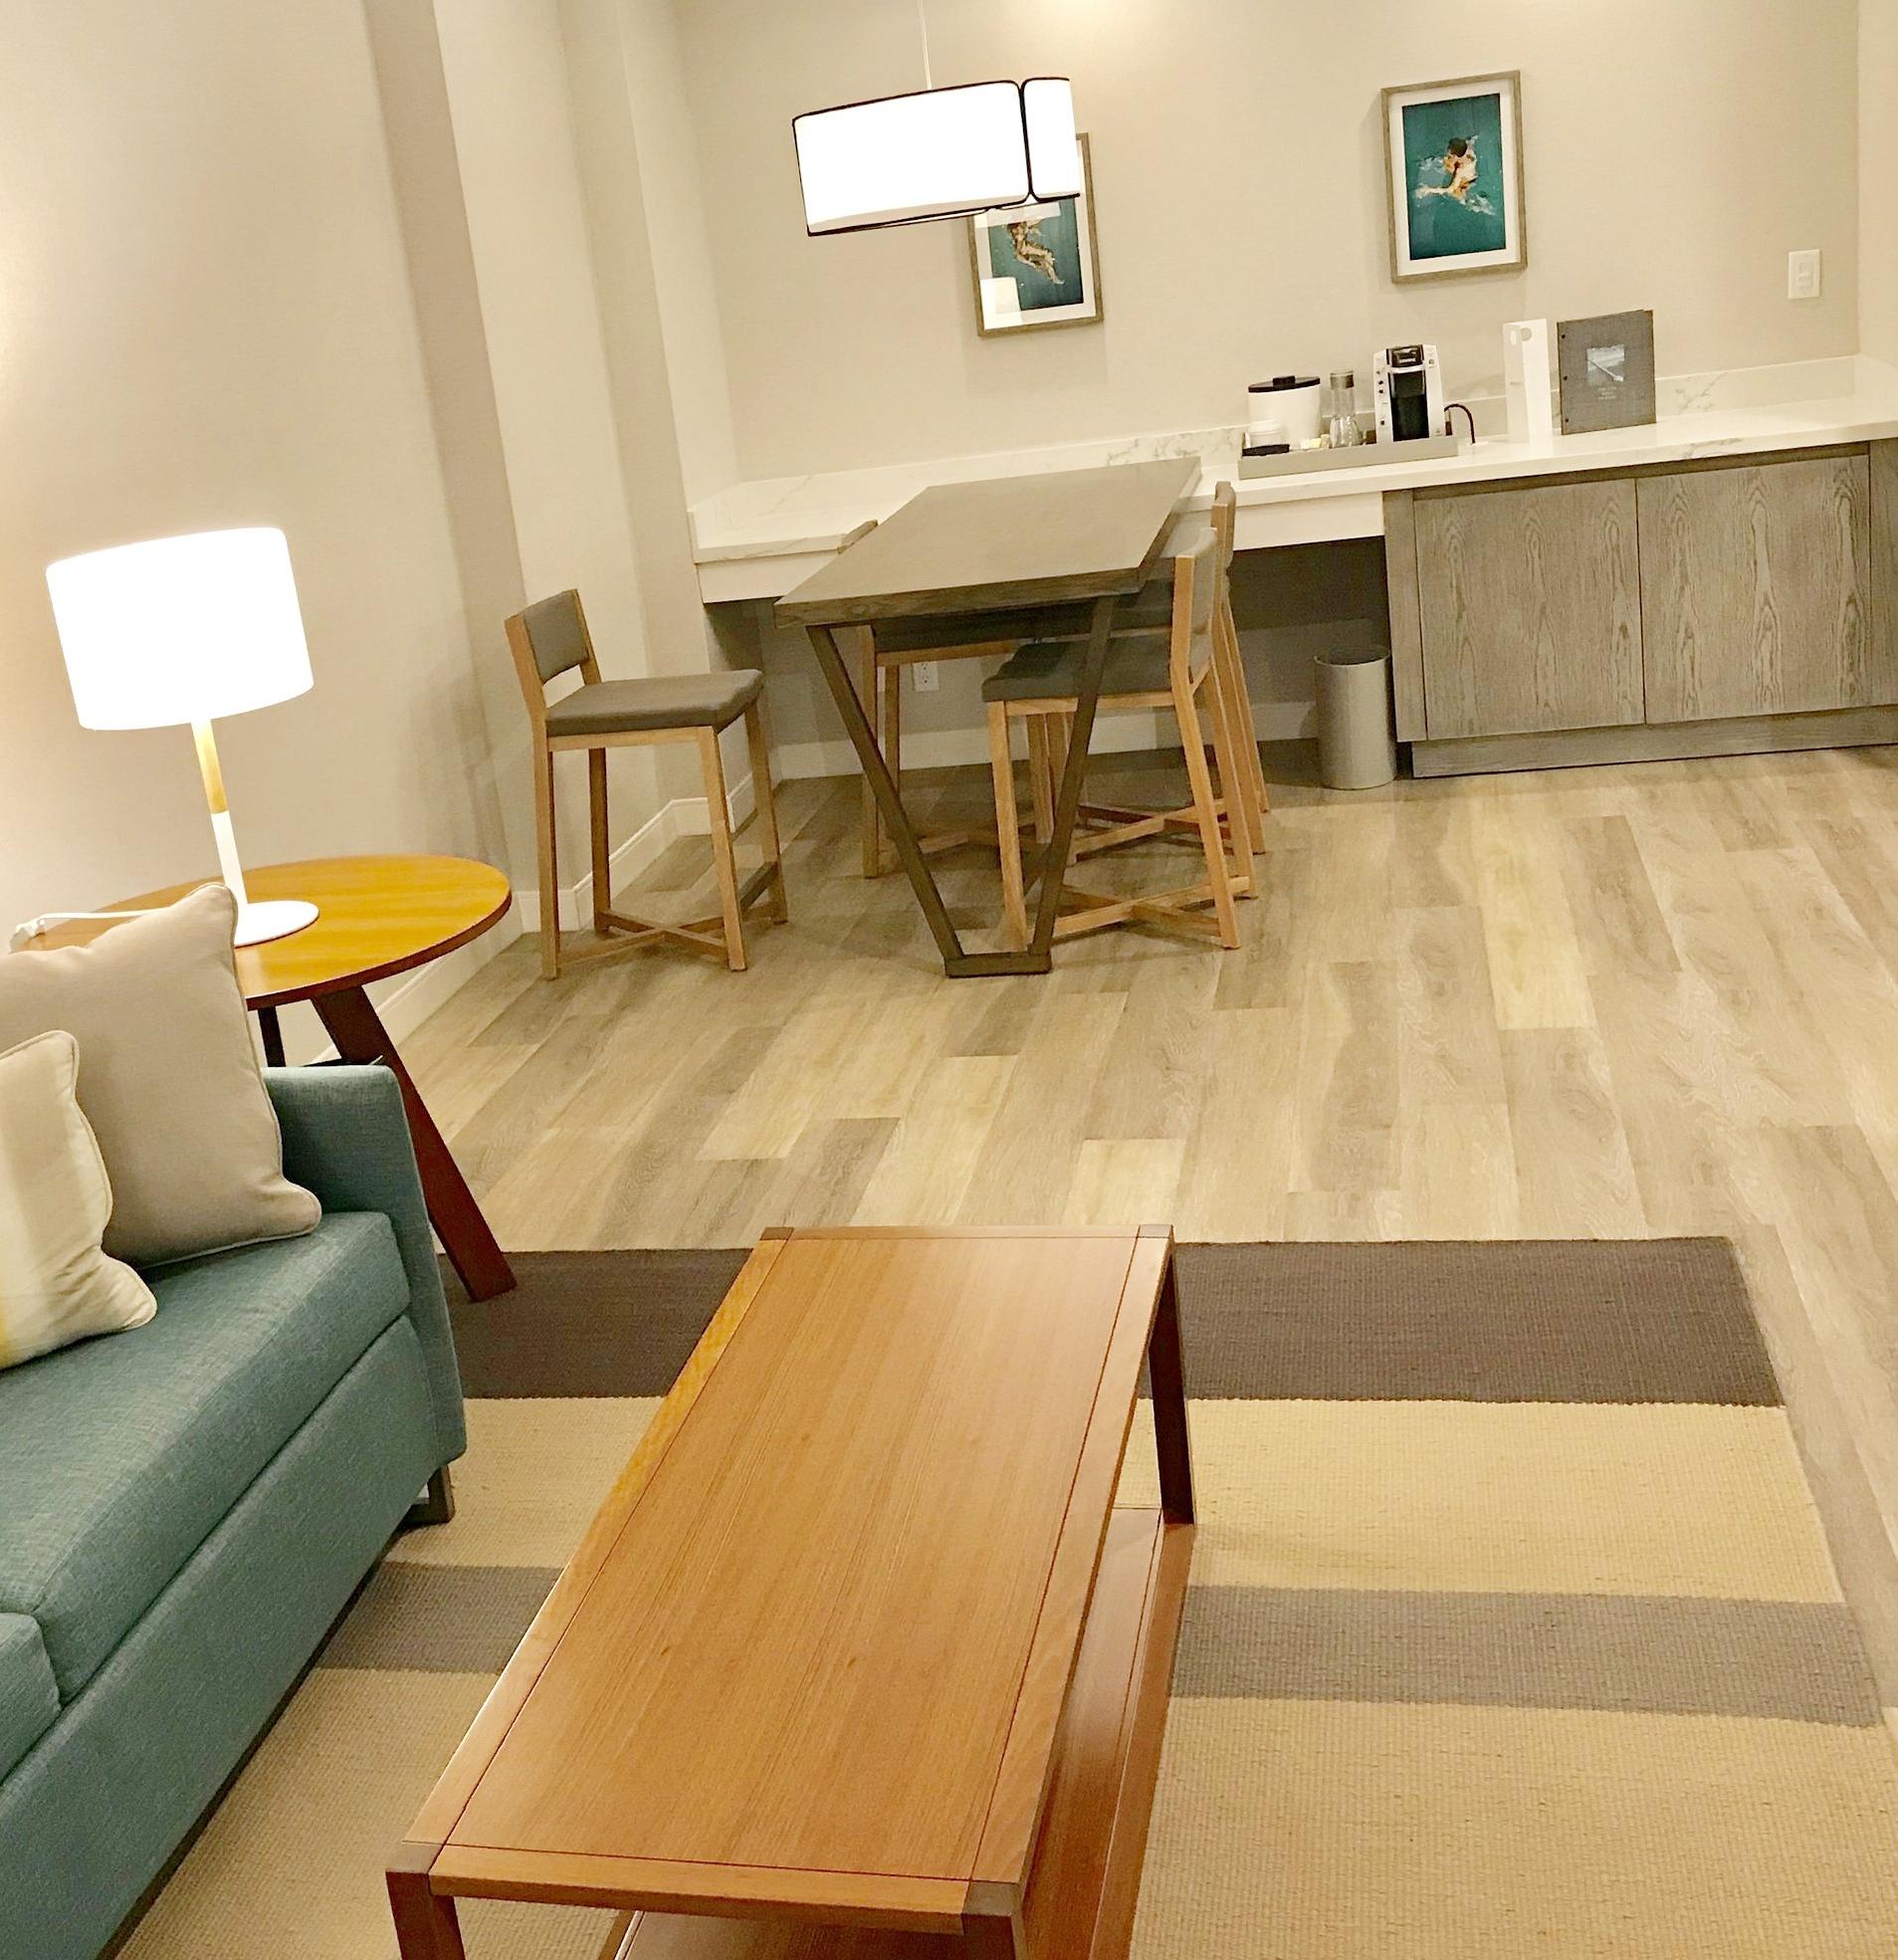 Living room of a Suite @WestDrift Hotel an Autograph Collection - Manhattan Beach